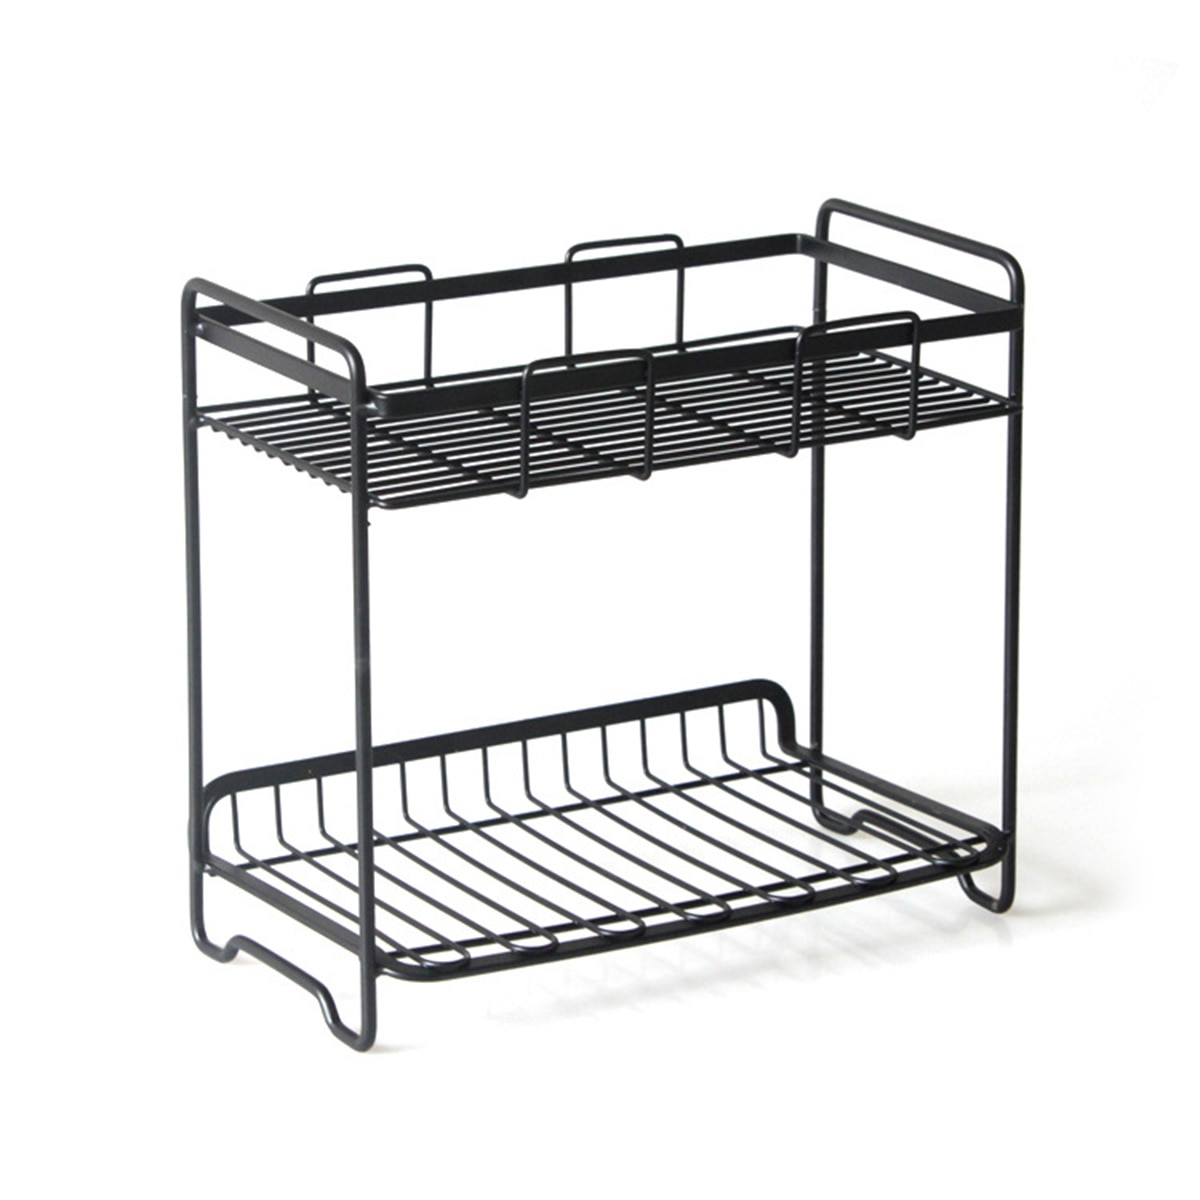 التخزين رف معدني متعدد الطوابق الوظائف المطاوع الحديد رف الحديد المطاوع الرف تخزين الرف للشرفة المطبخ الحمام